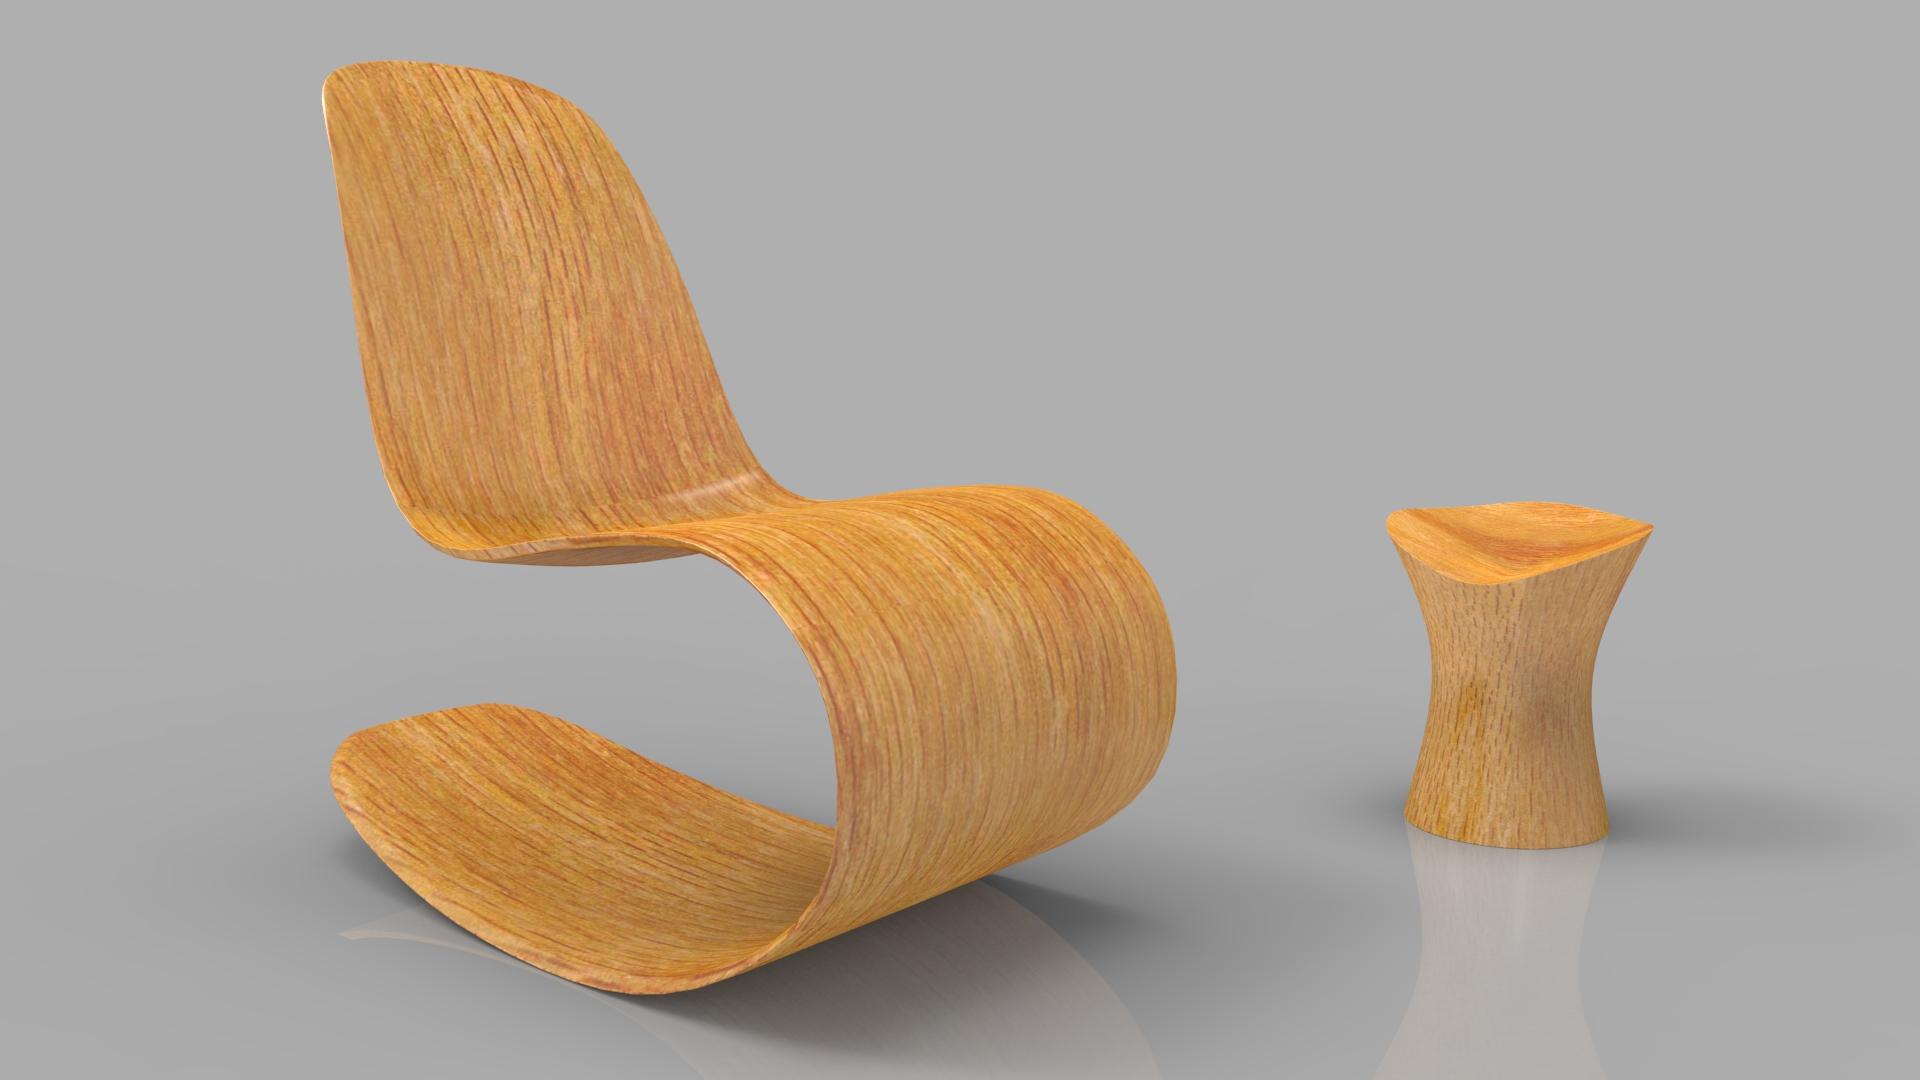 Rocking Wooden Chair 3d model max fbx ma mb obj 286117